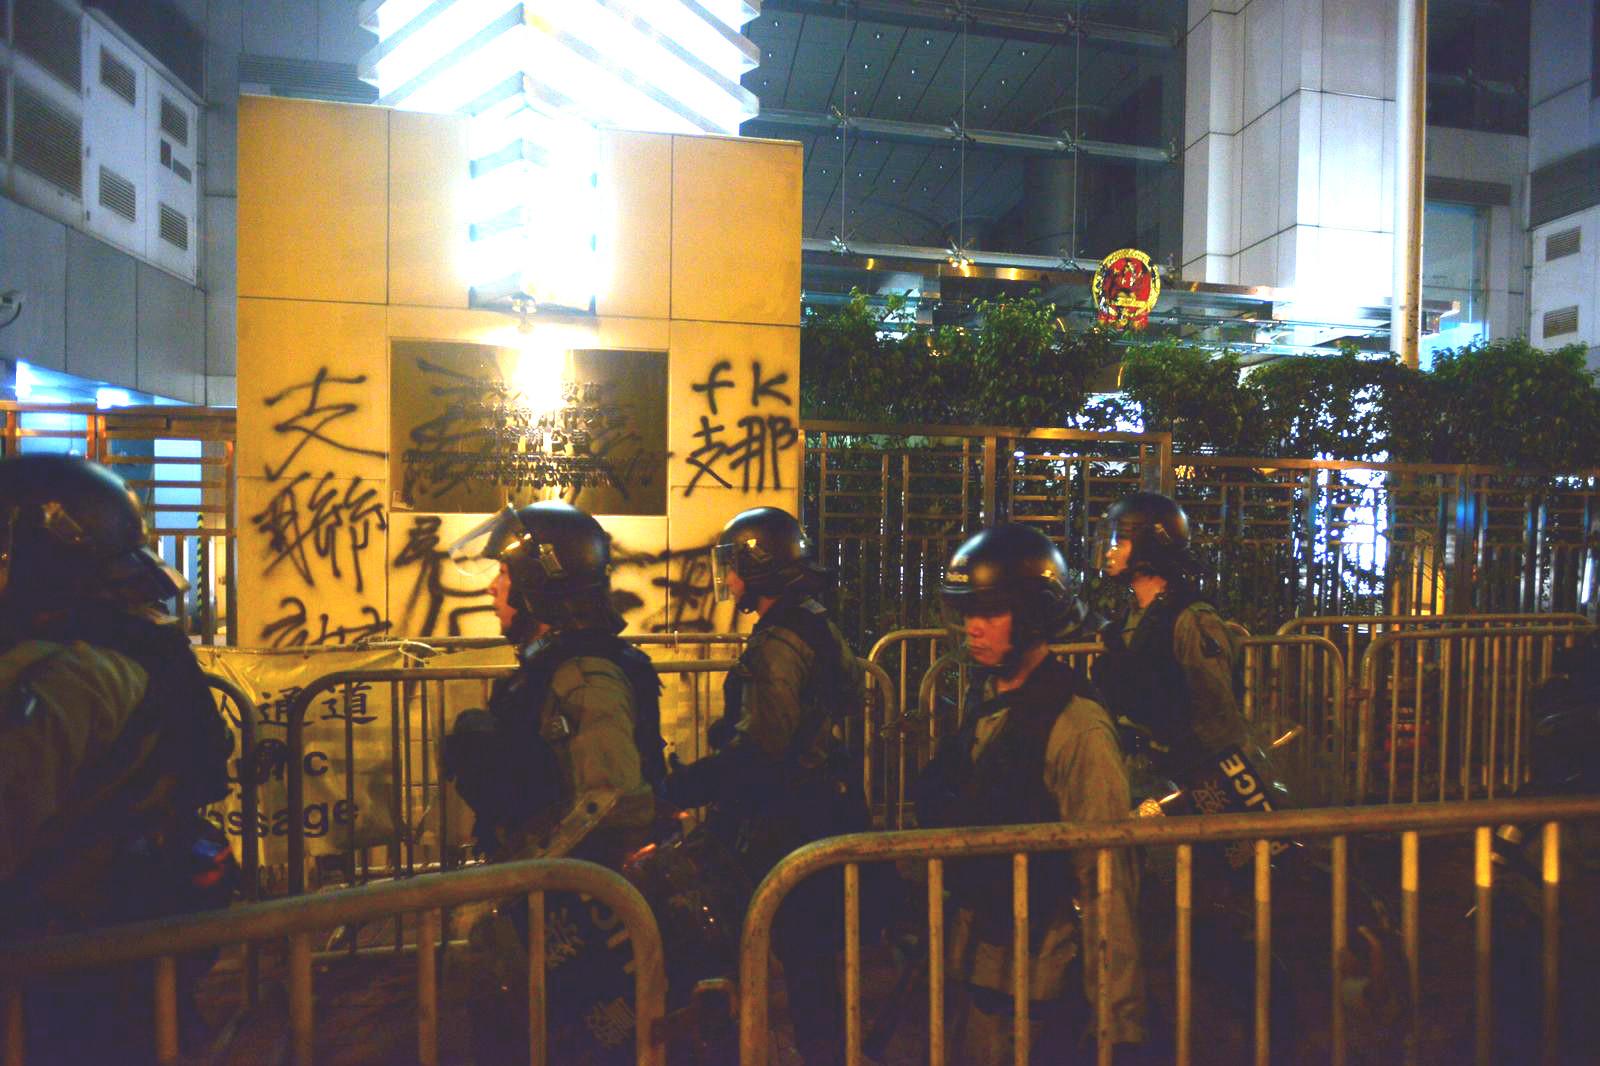 中聯辦外示威者已經撤退